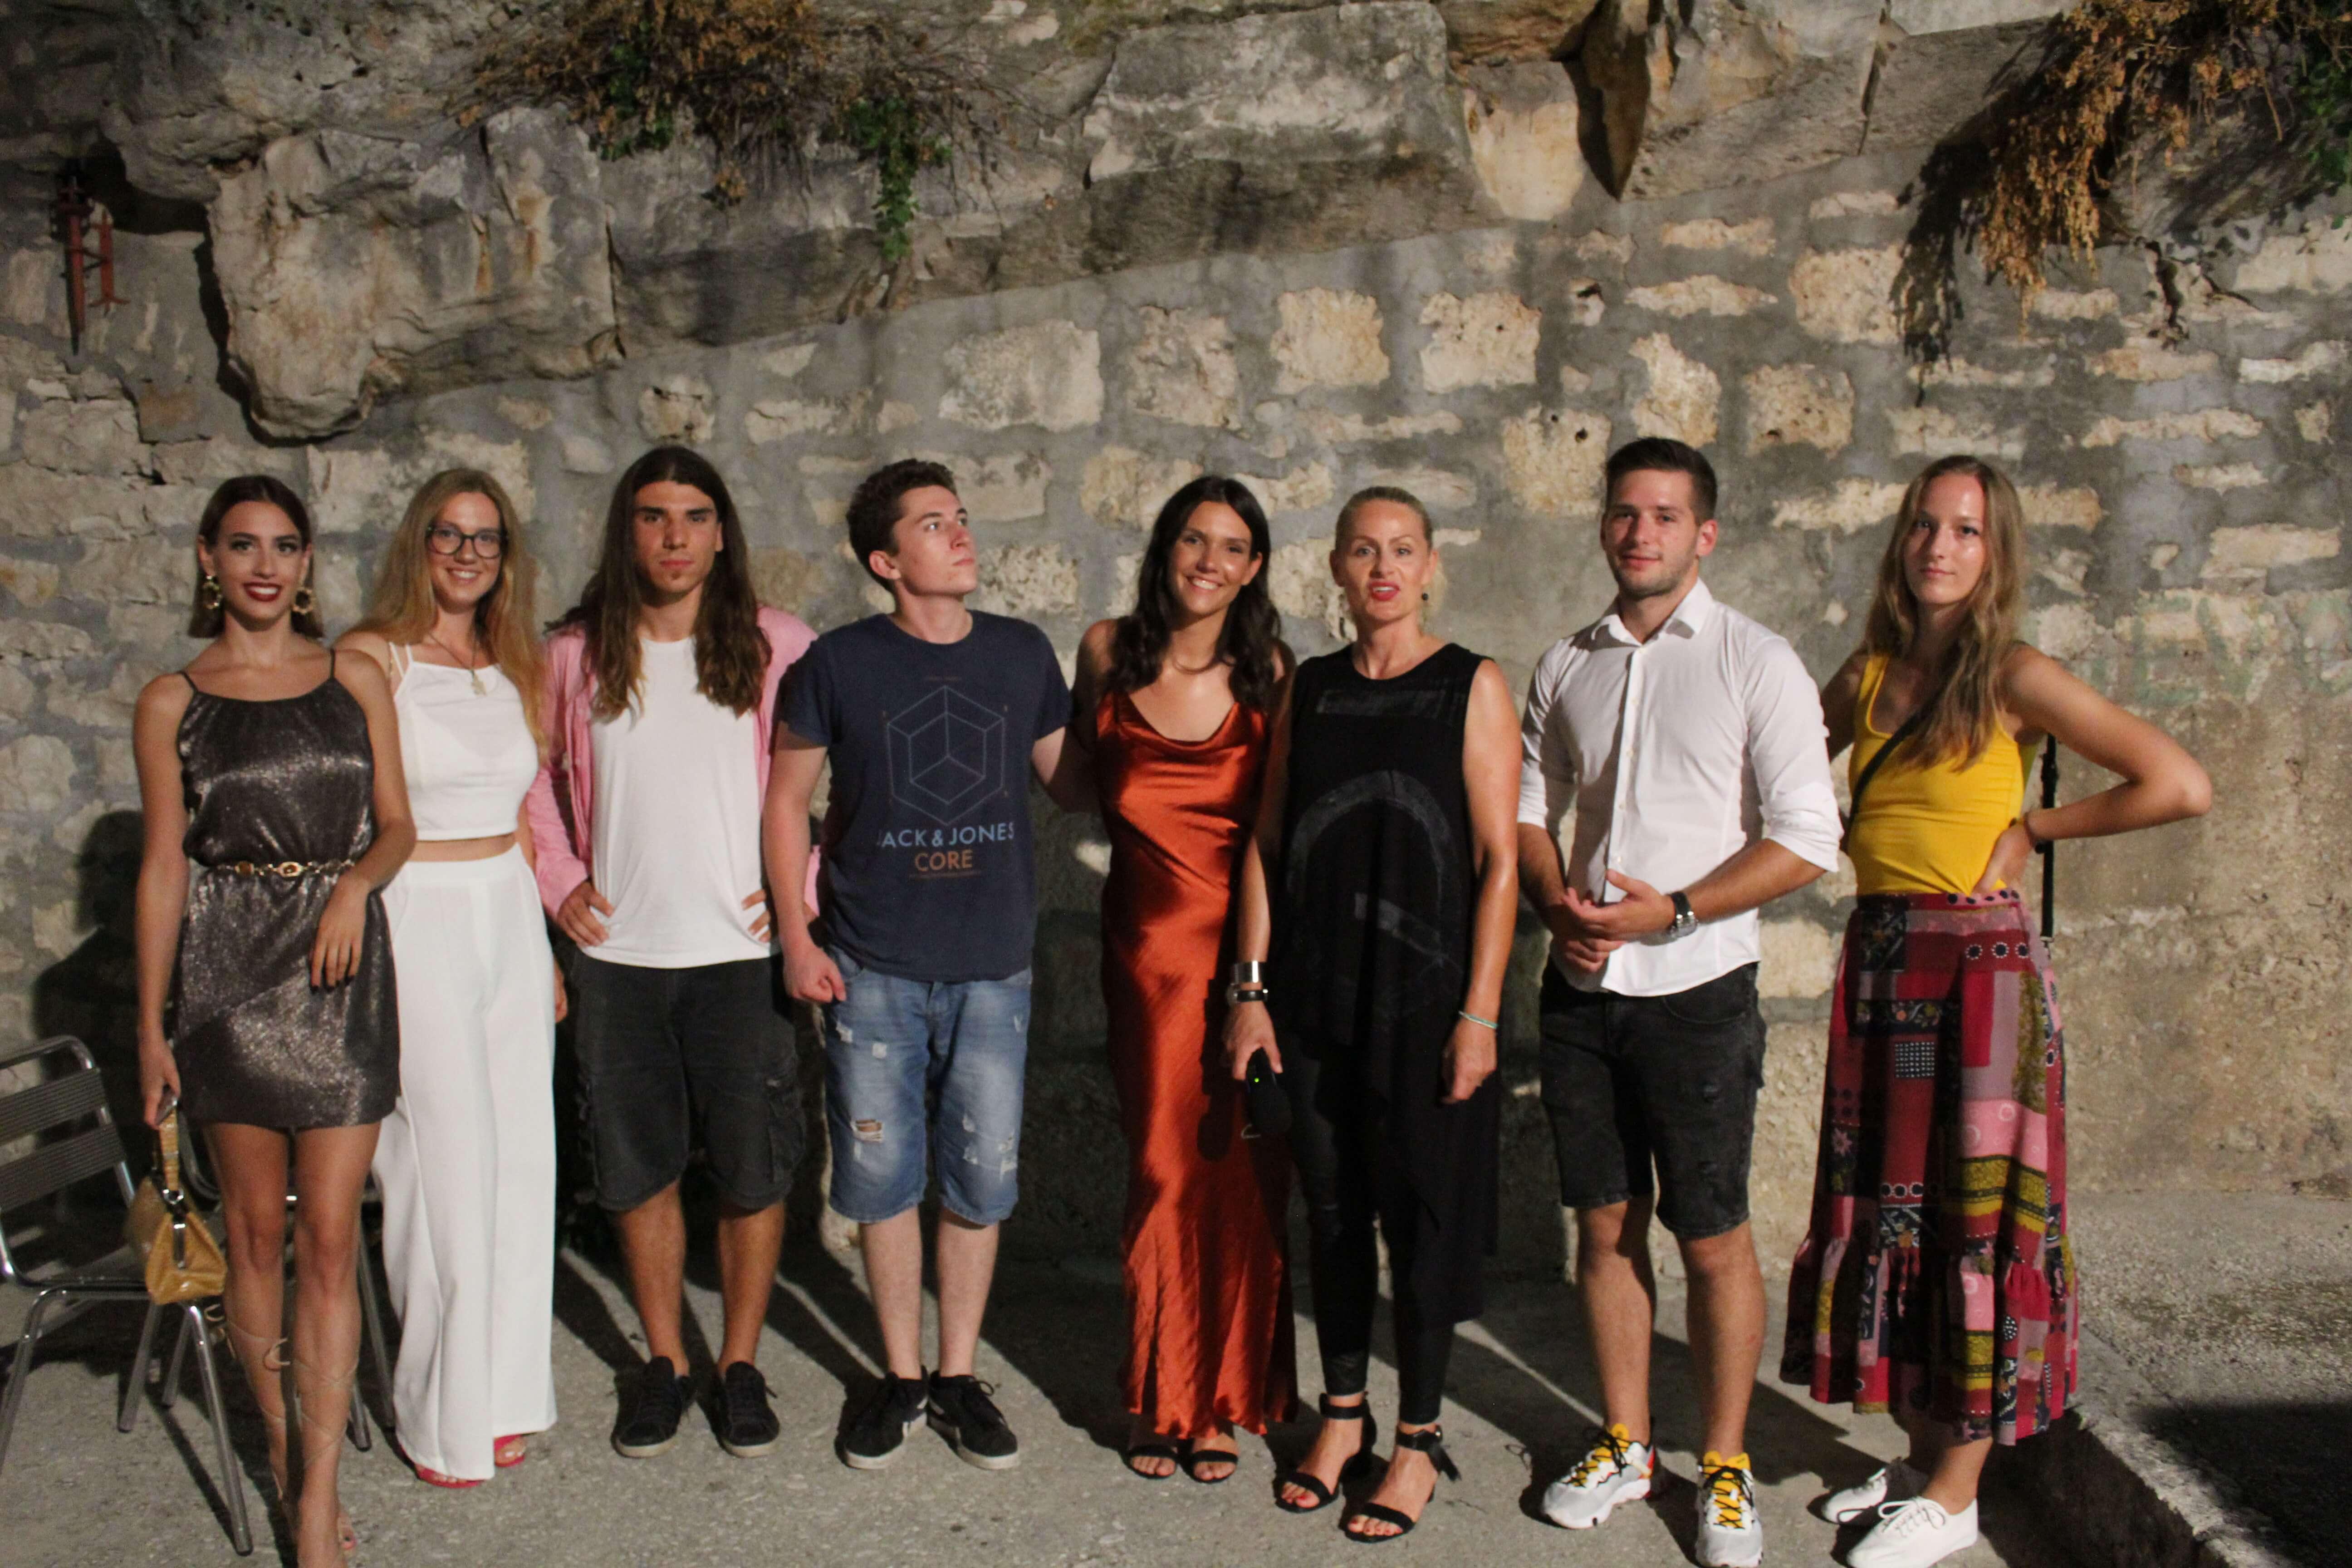 Ti si moja inspiracija – projekt mladih kreativaca s otoka Korčule